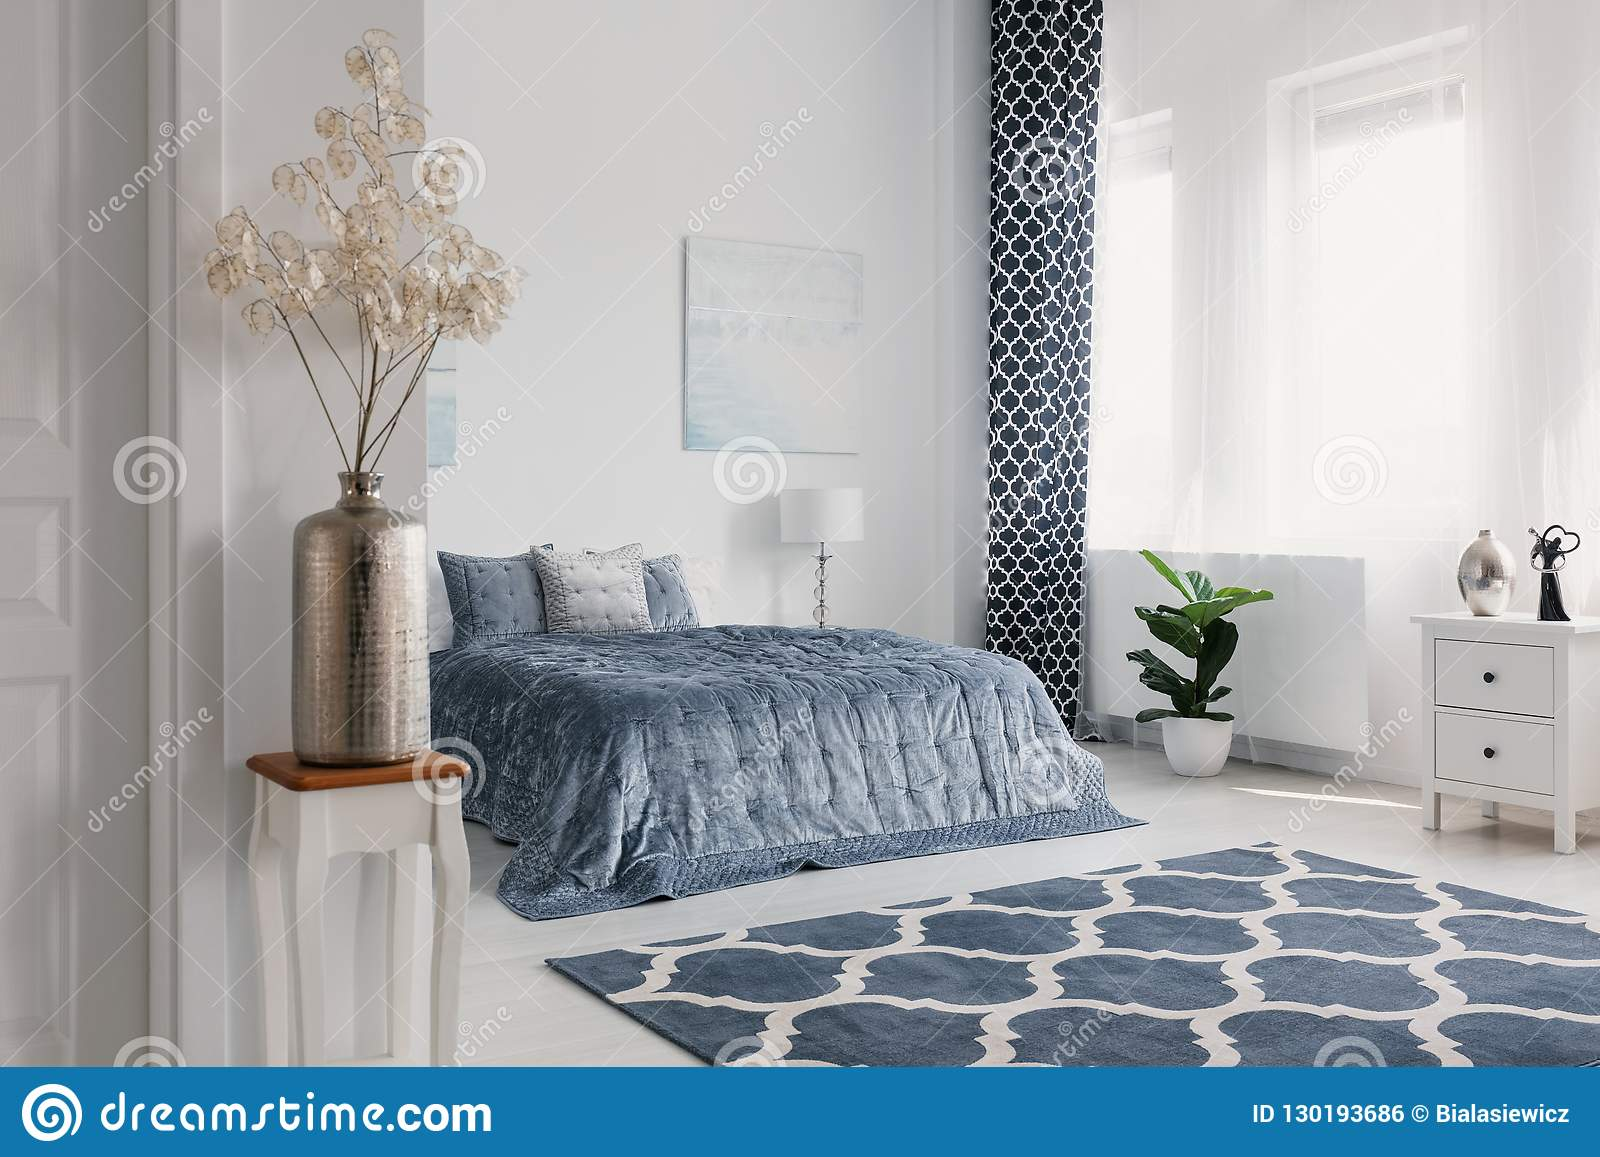 Blommor i guld- vas i det vita sovrummet som är inre med mönstrad matta framme av blå säng Verkligt foto